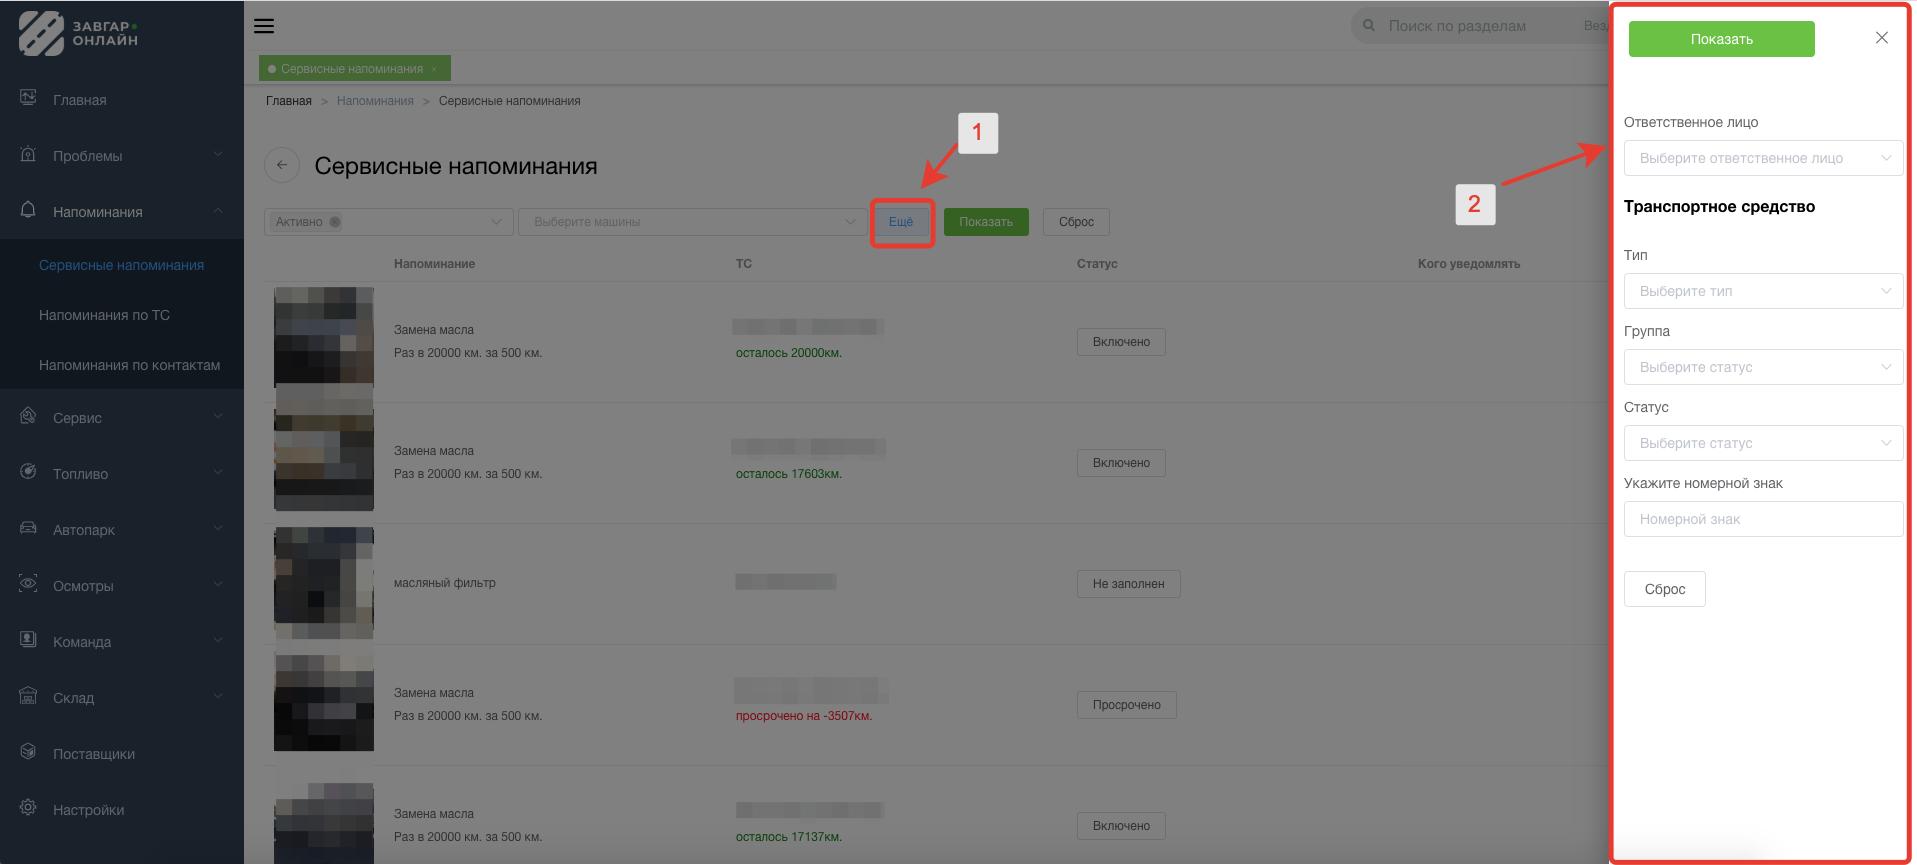 """Подробная фильтрация сервисных напоминаний в системе """"Завгар Онлайн"""""""